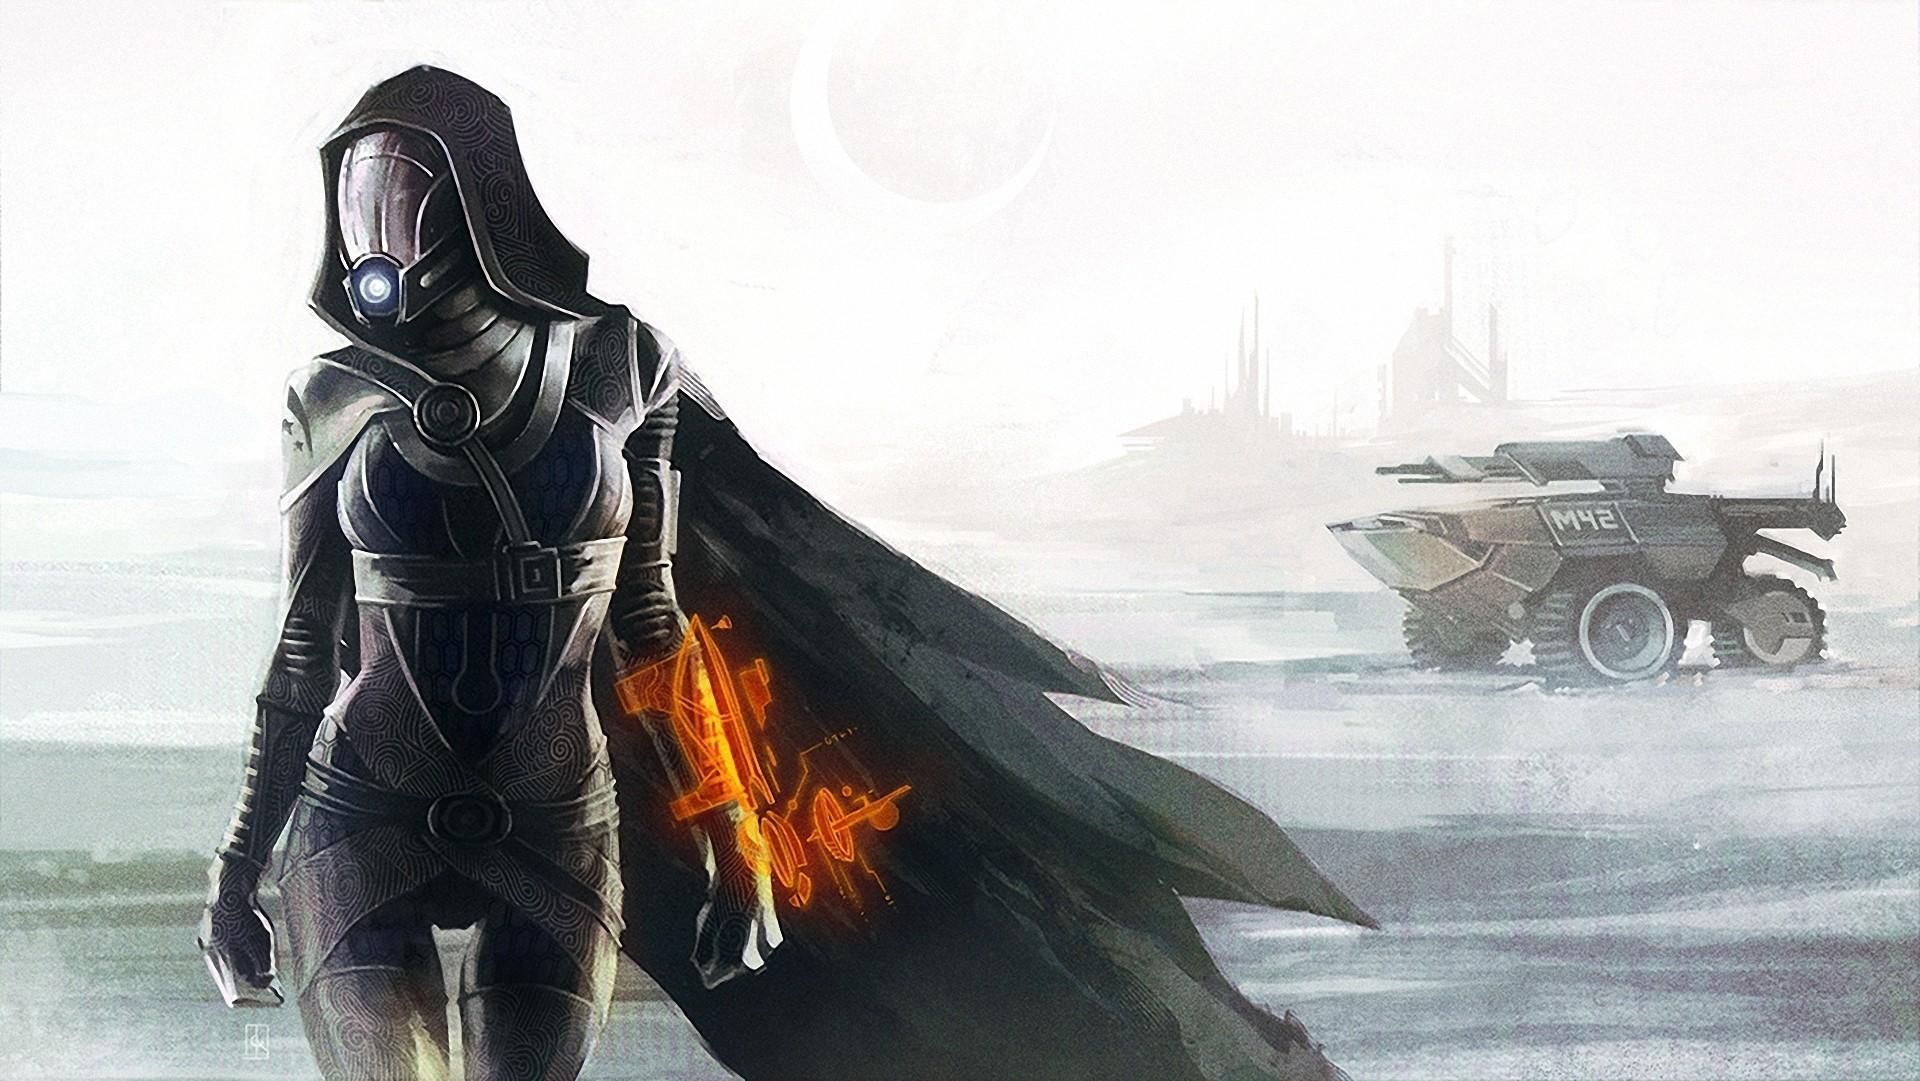 Mass Effect Tali Zorah Games Girls sci-fi warrior wallpaper | |  147151 | WallpaperUP